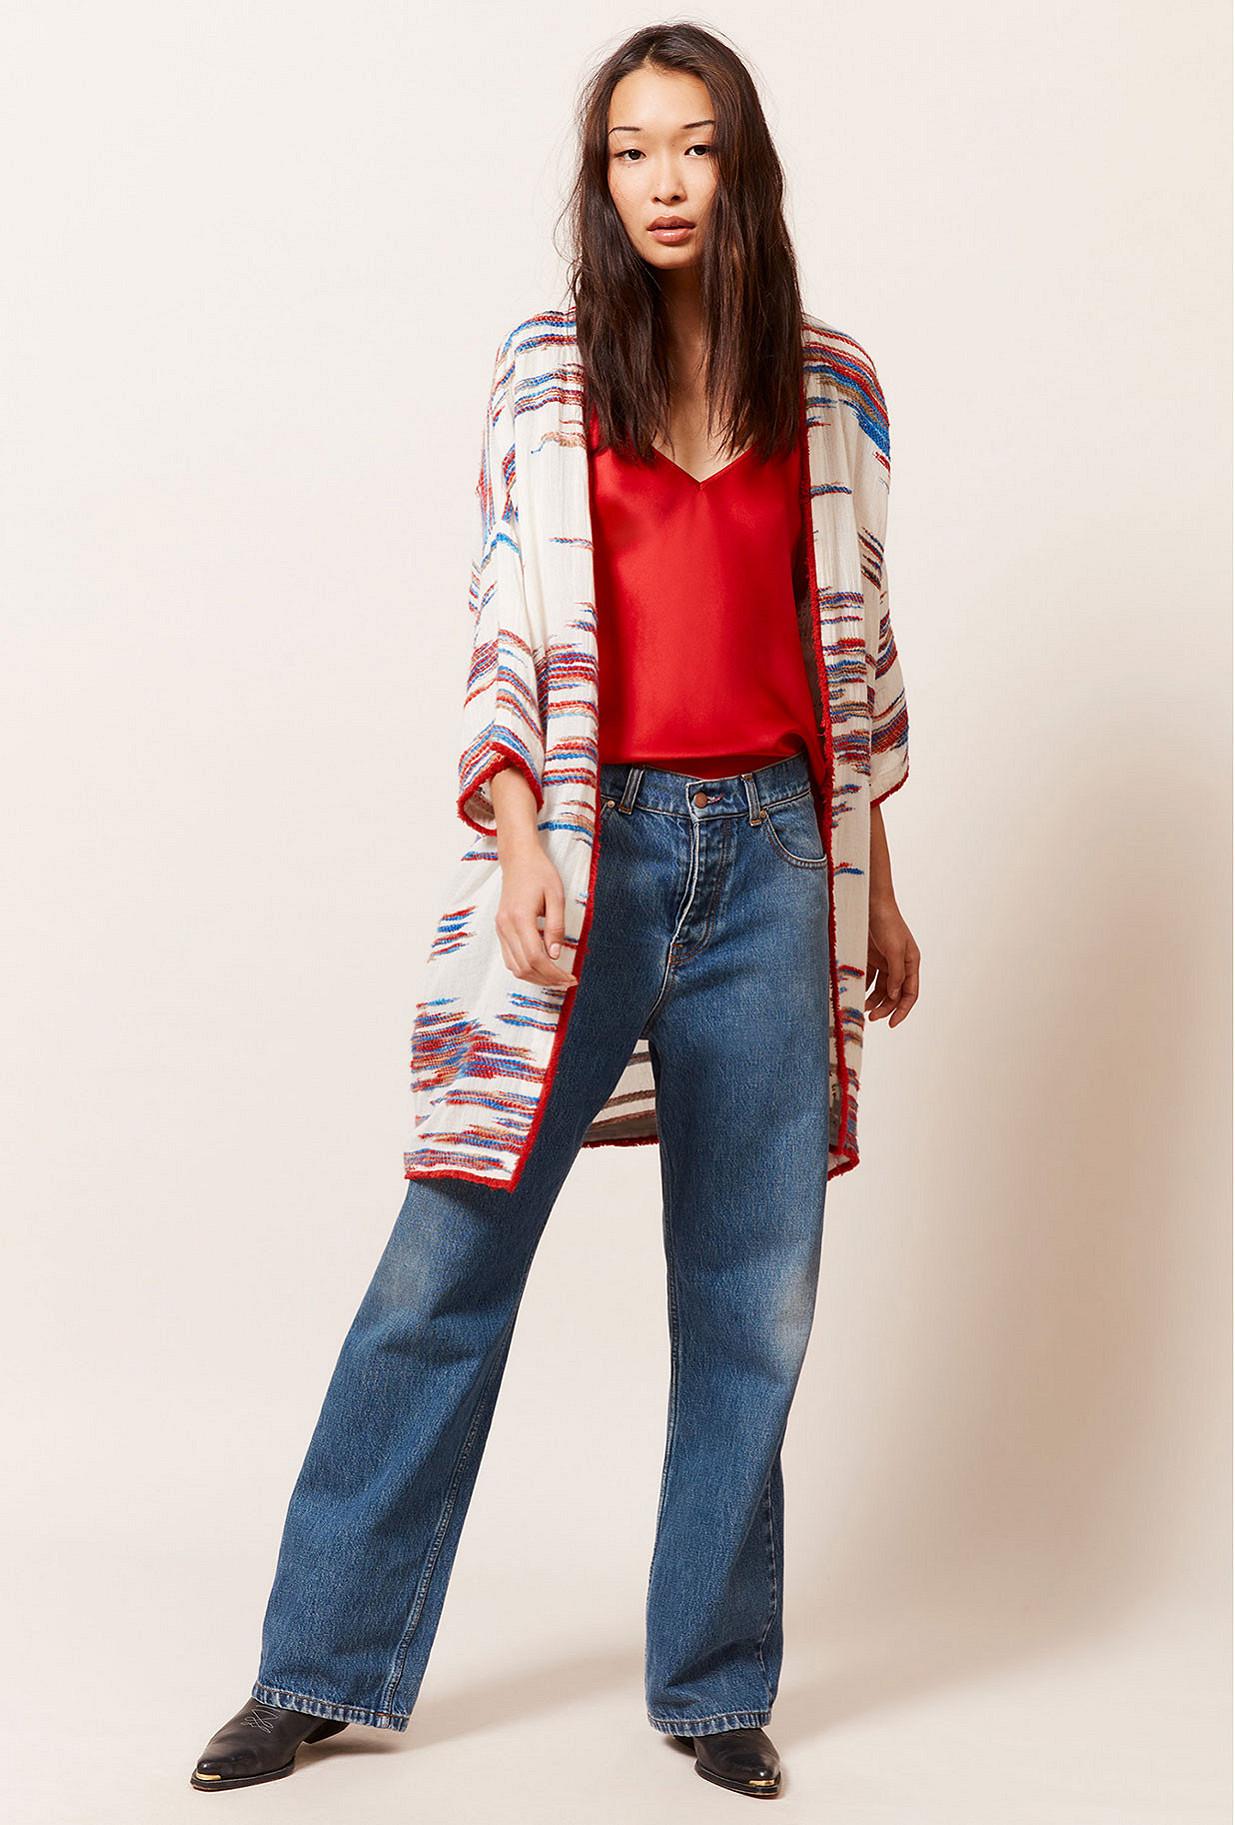 X  Jacket  Nicaragua Mes demoiselles fashion clothes designer Paris